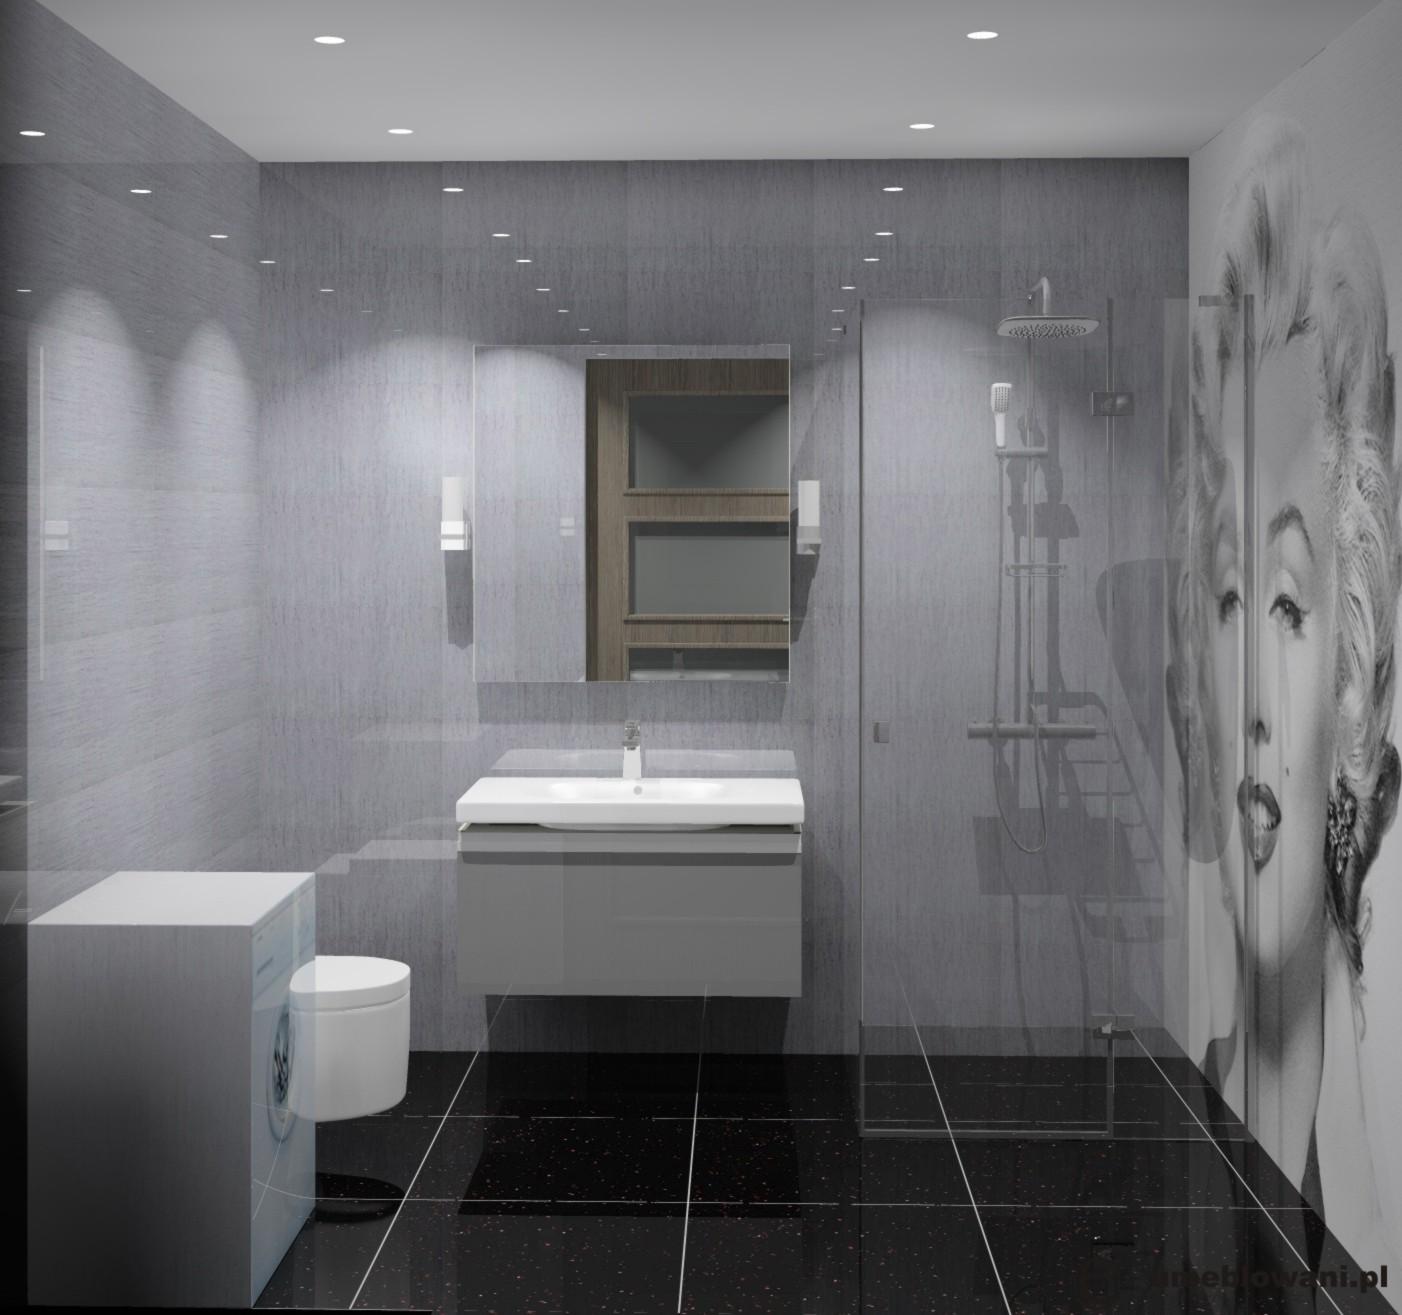 łazienka_mała_fototapeta